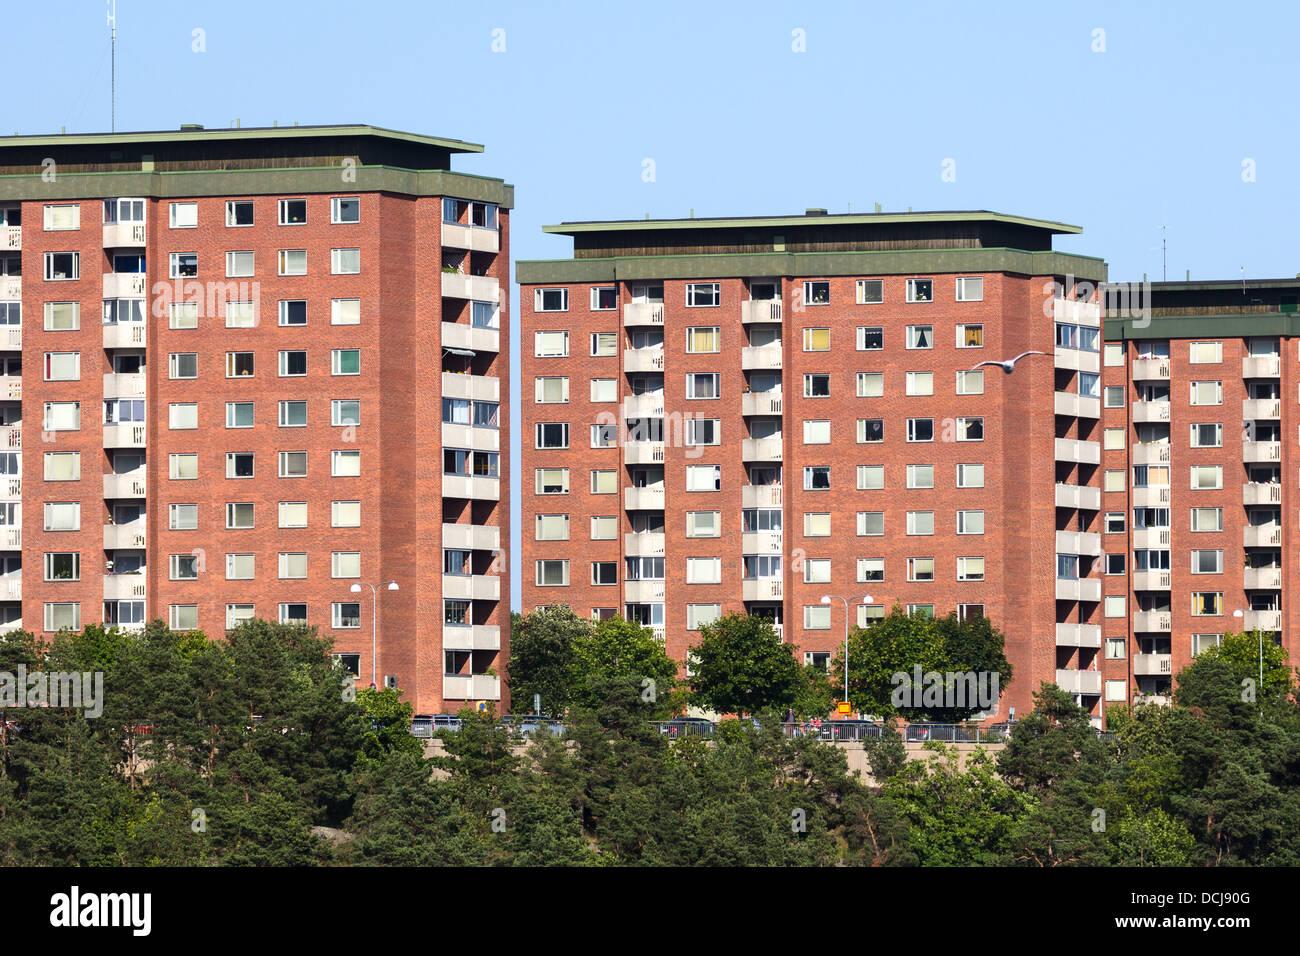 La città di stoccolma i blocchi di appartamenti in svezia foto